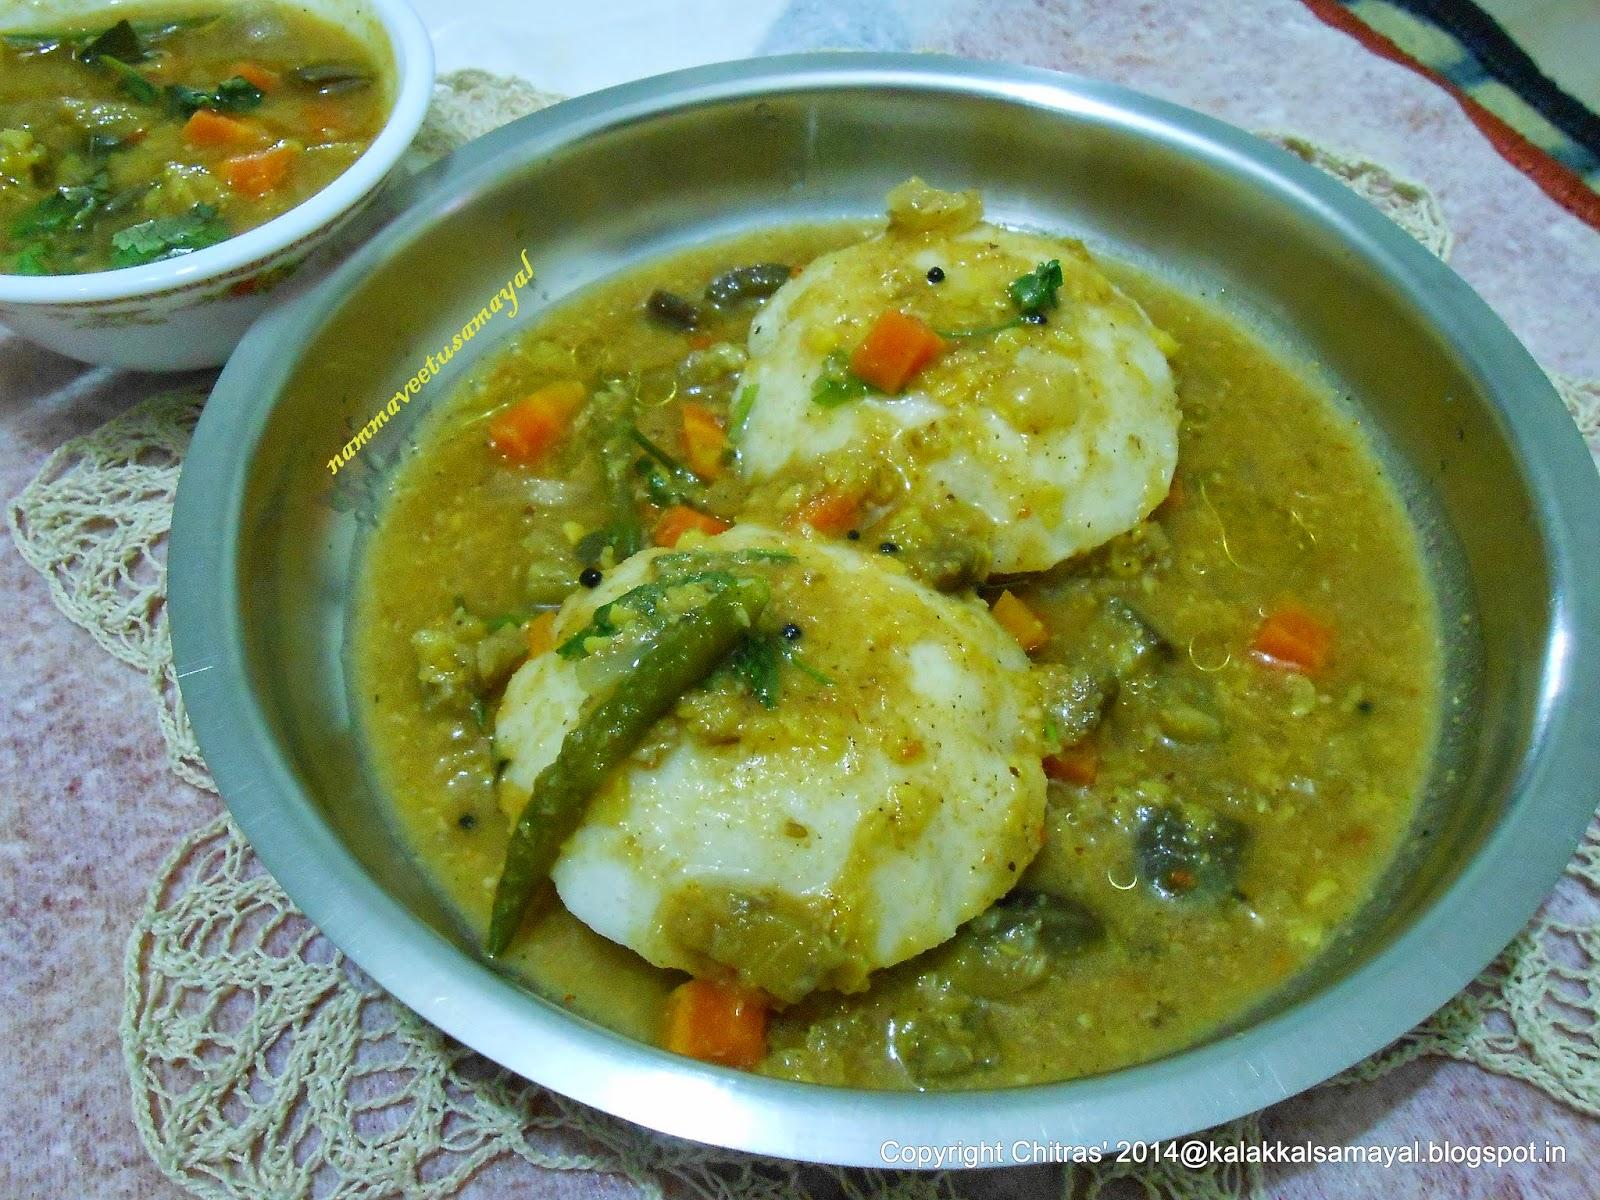 idli served with araithuvitta idli sambar